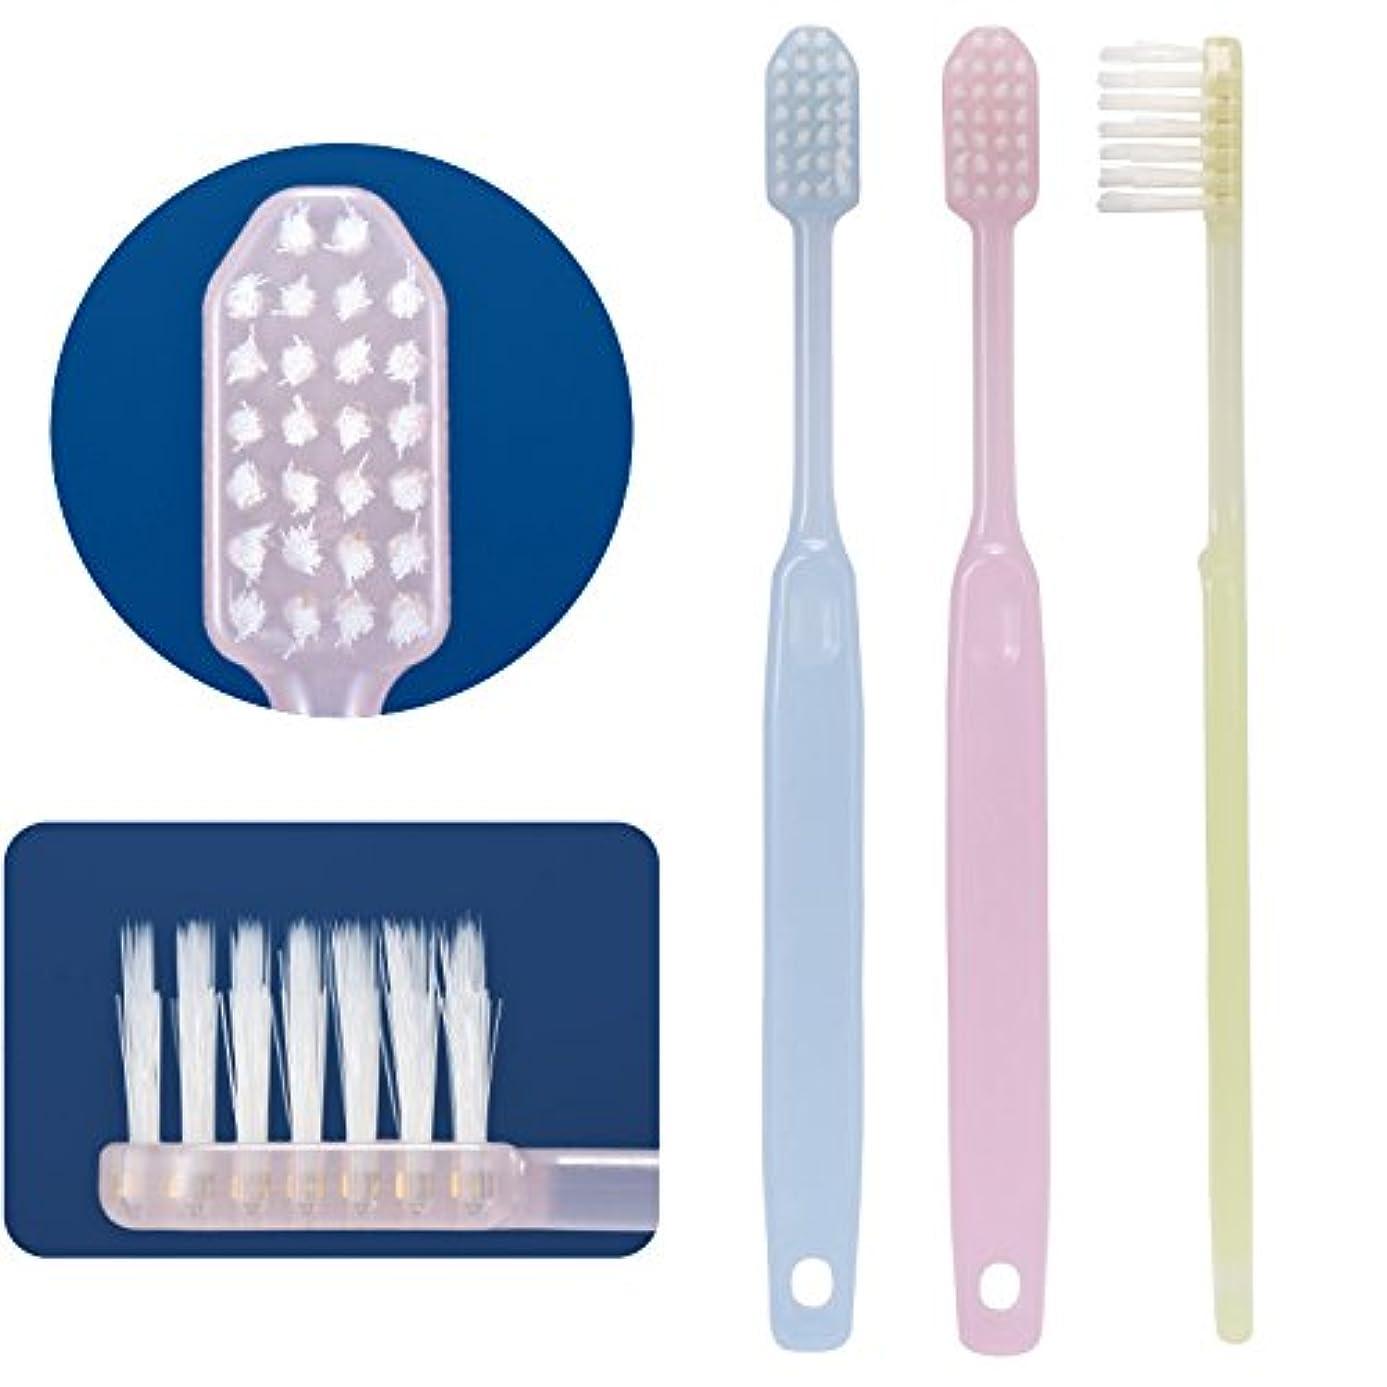 天才開始ピカリングCi ワイドスポット 成人男性(中高年層) 1本 (カラー指定不可) 歯科医院専売品